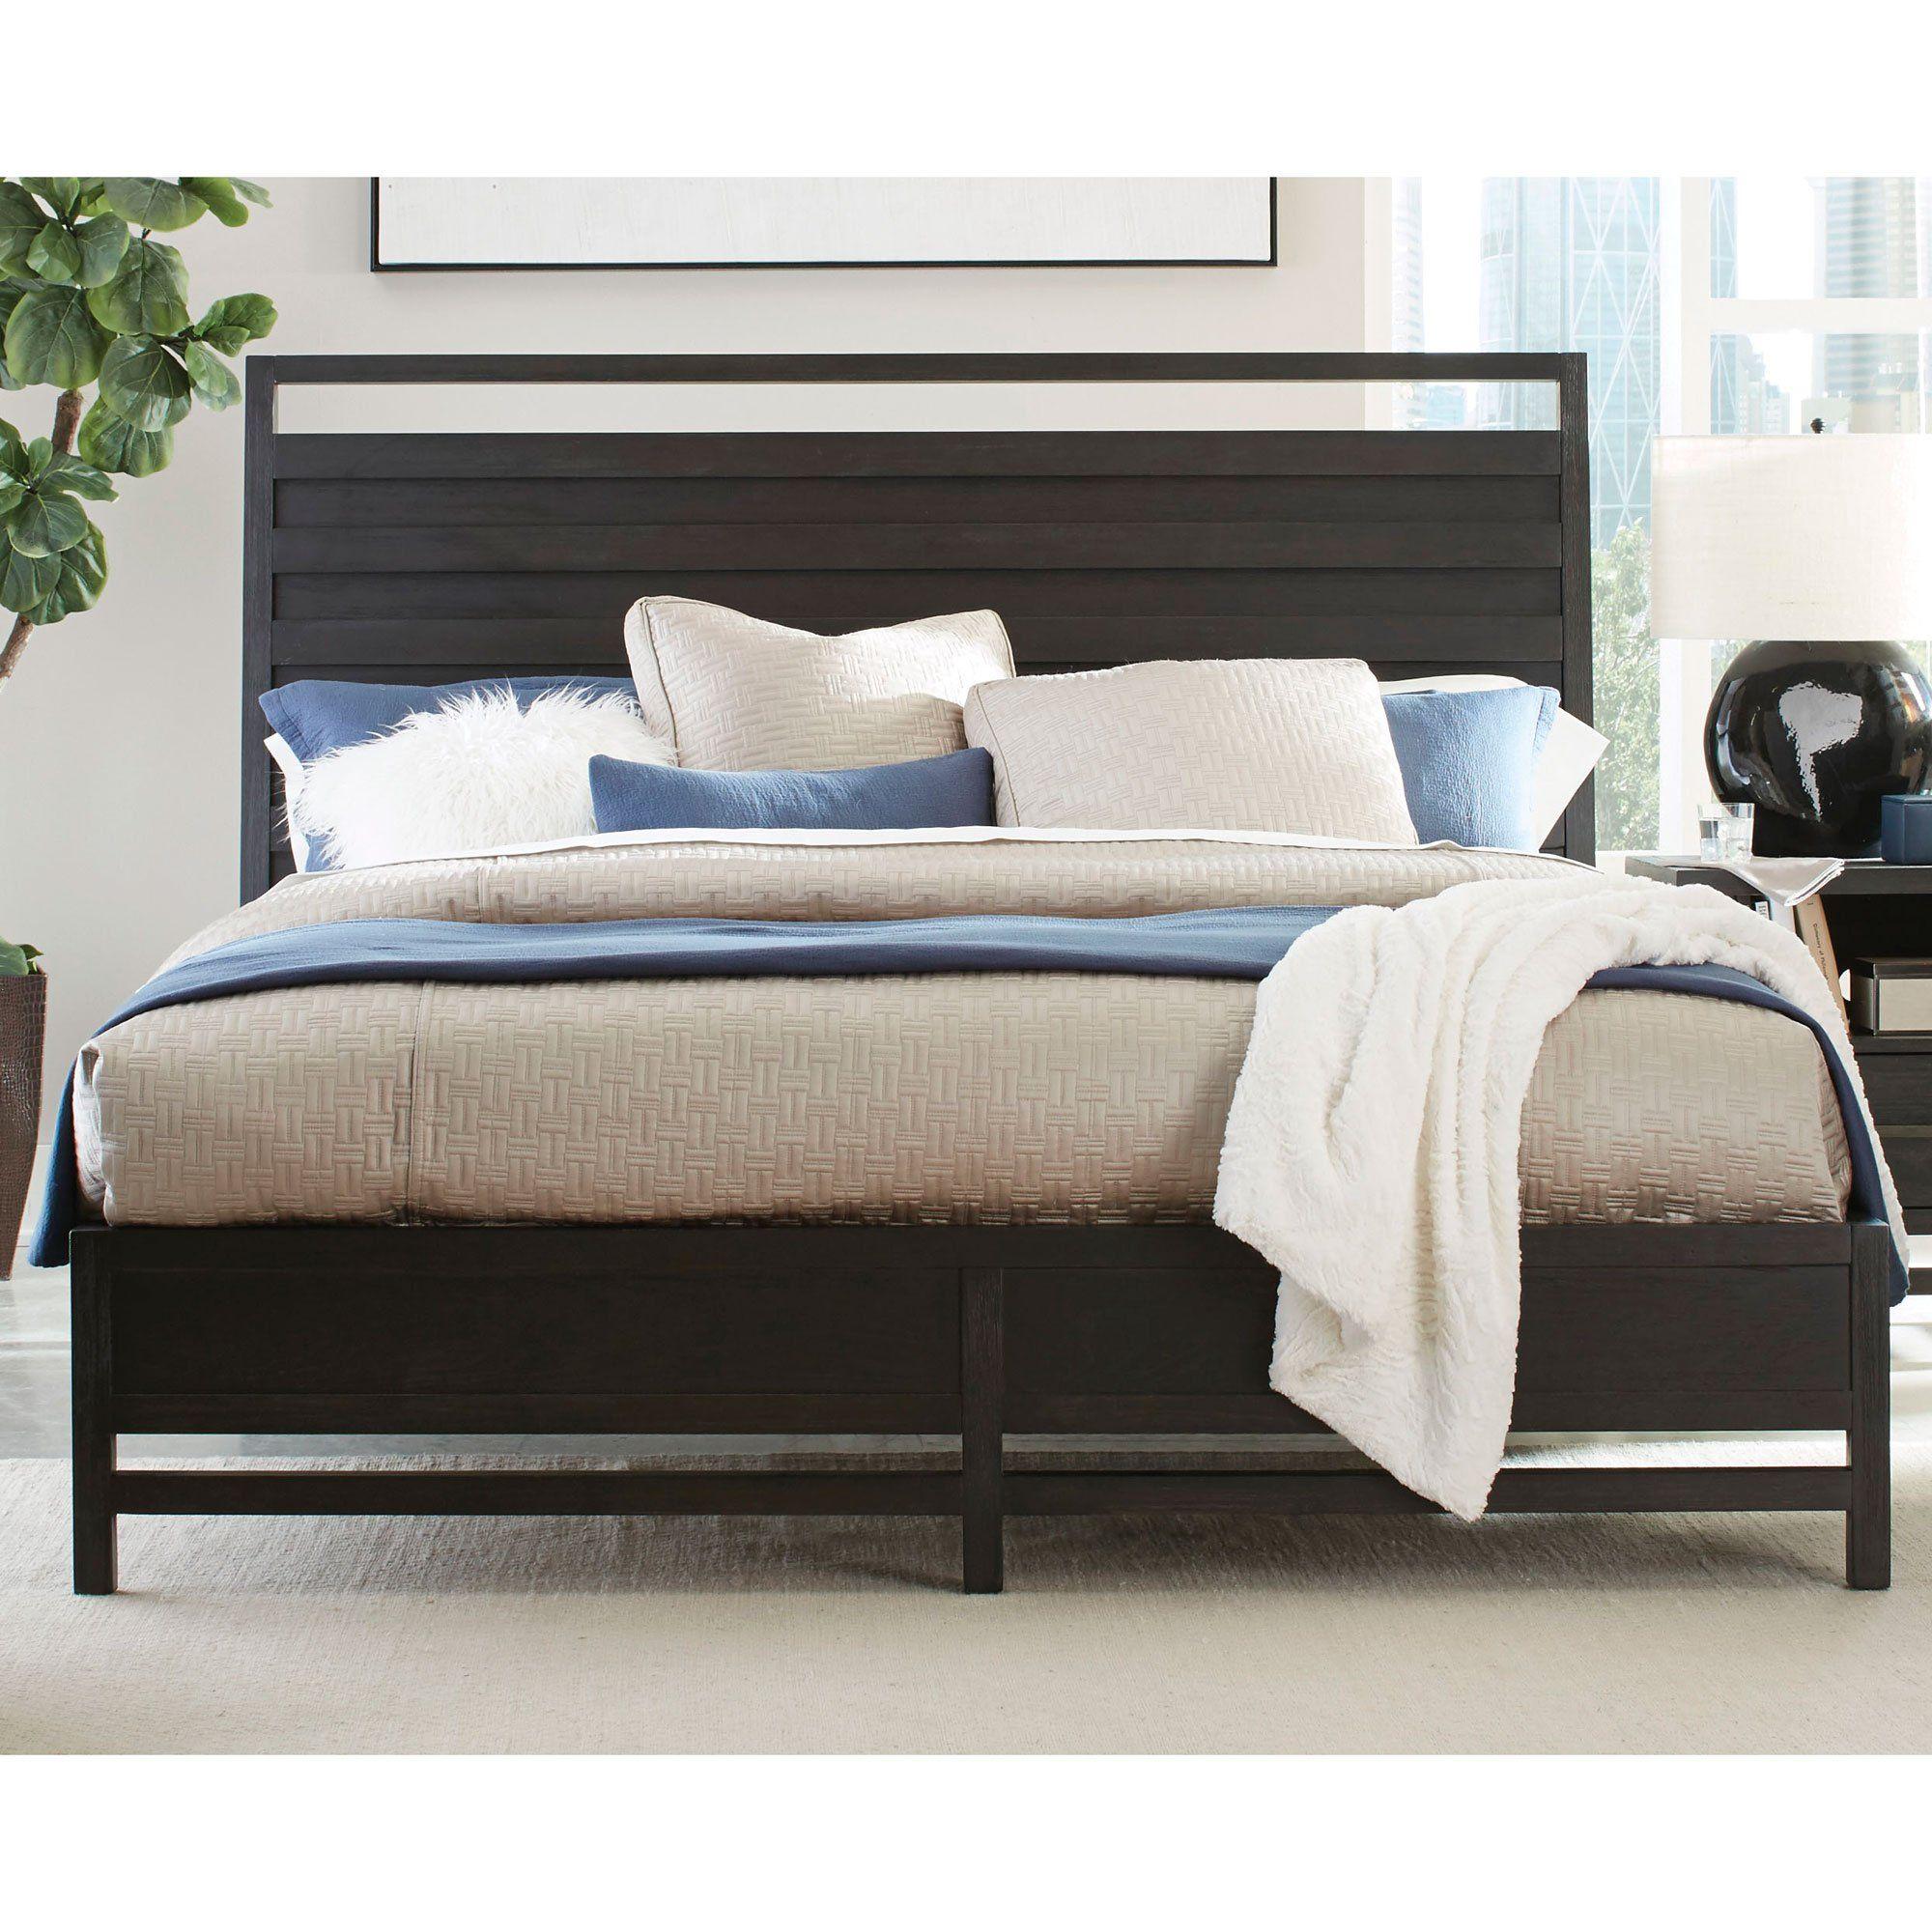 Best Modern Black King Platform Bed Thomas Upholstered Beds 400 x 300